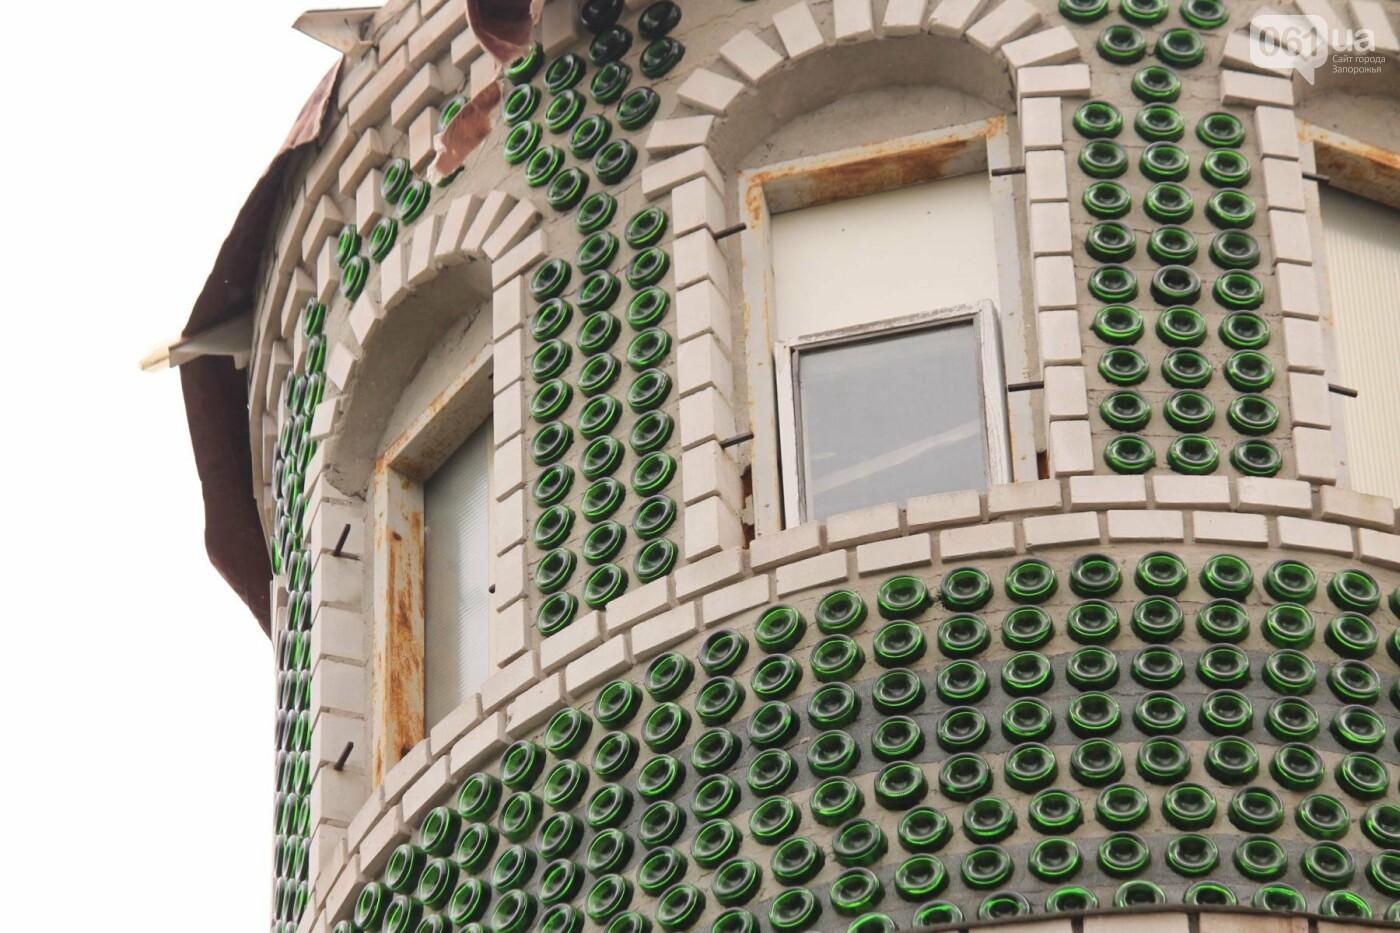 «Отцу предлагали продать дом за миллион. Он отказался»: история замка из бутылок шампанского, – ФОТОРЕПОРТАЖ, фото-4